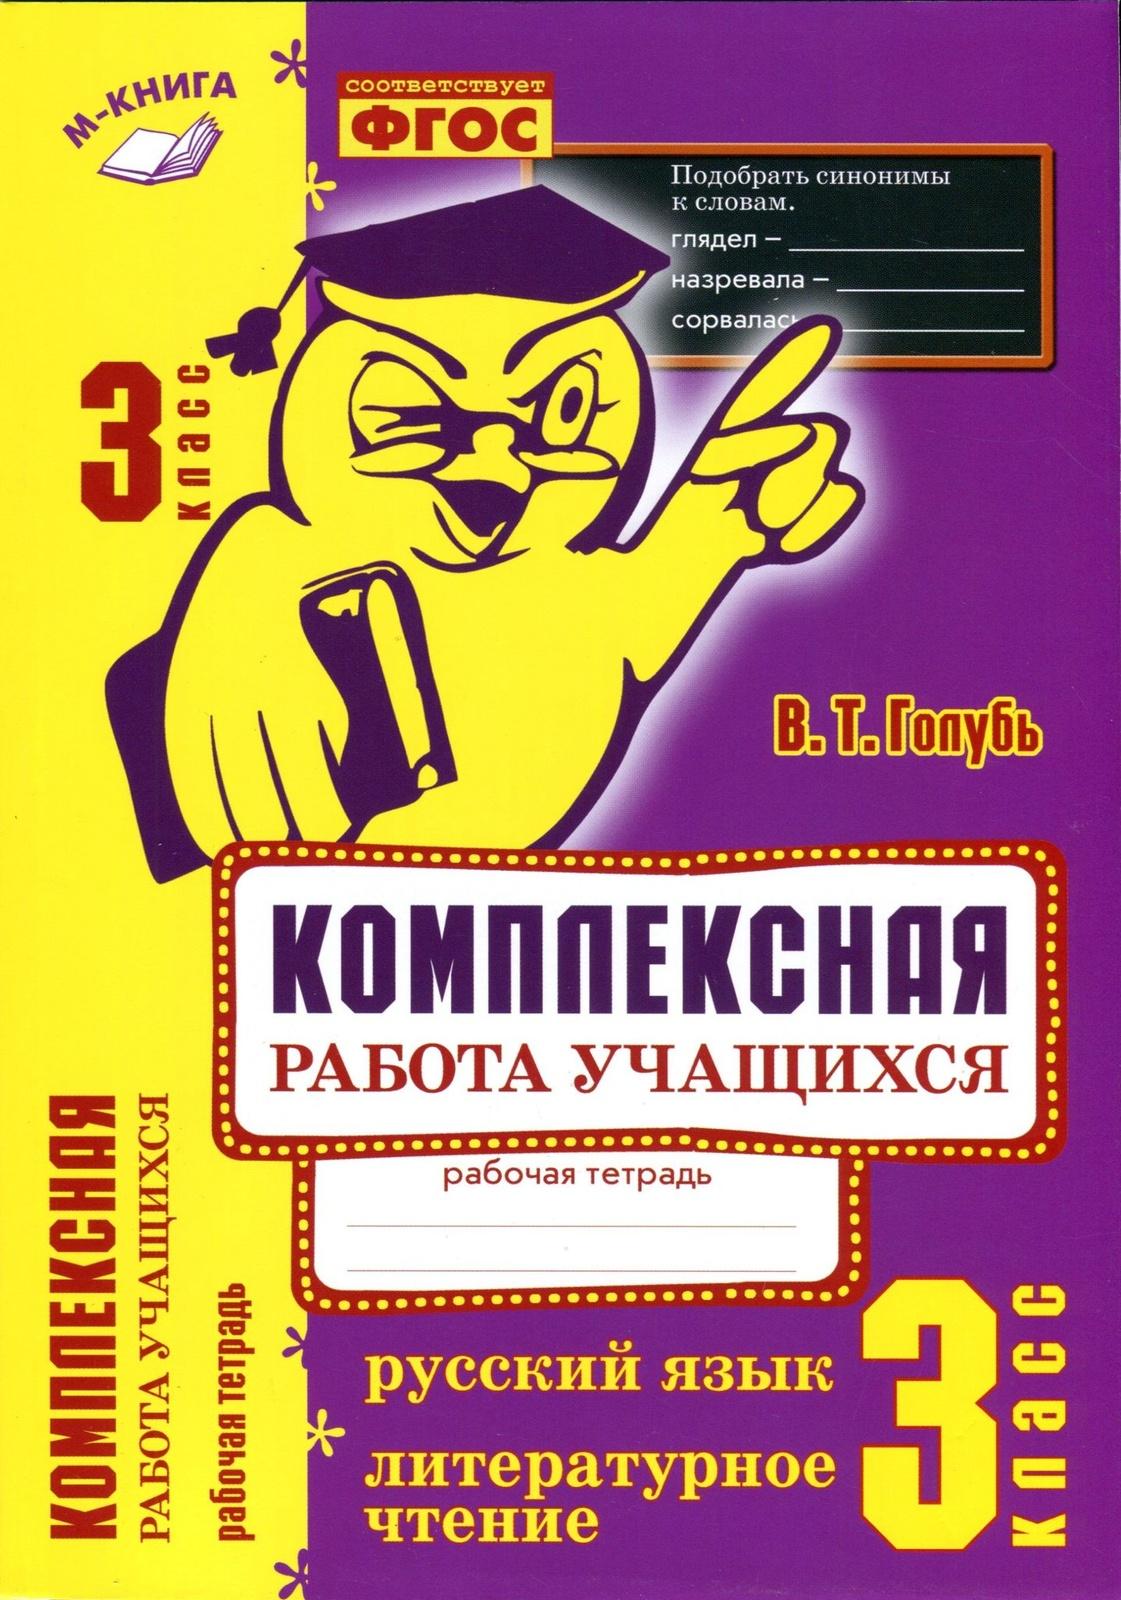 Голубь В.Т. Русский язык. Литературное чтение. 3 класс. Комплексная работа учащихся